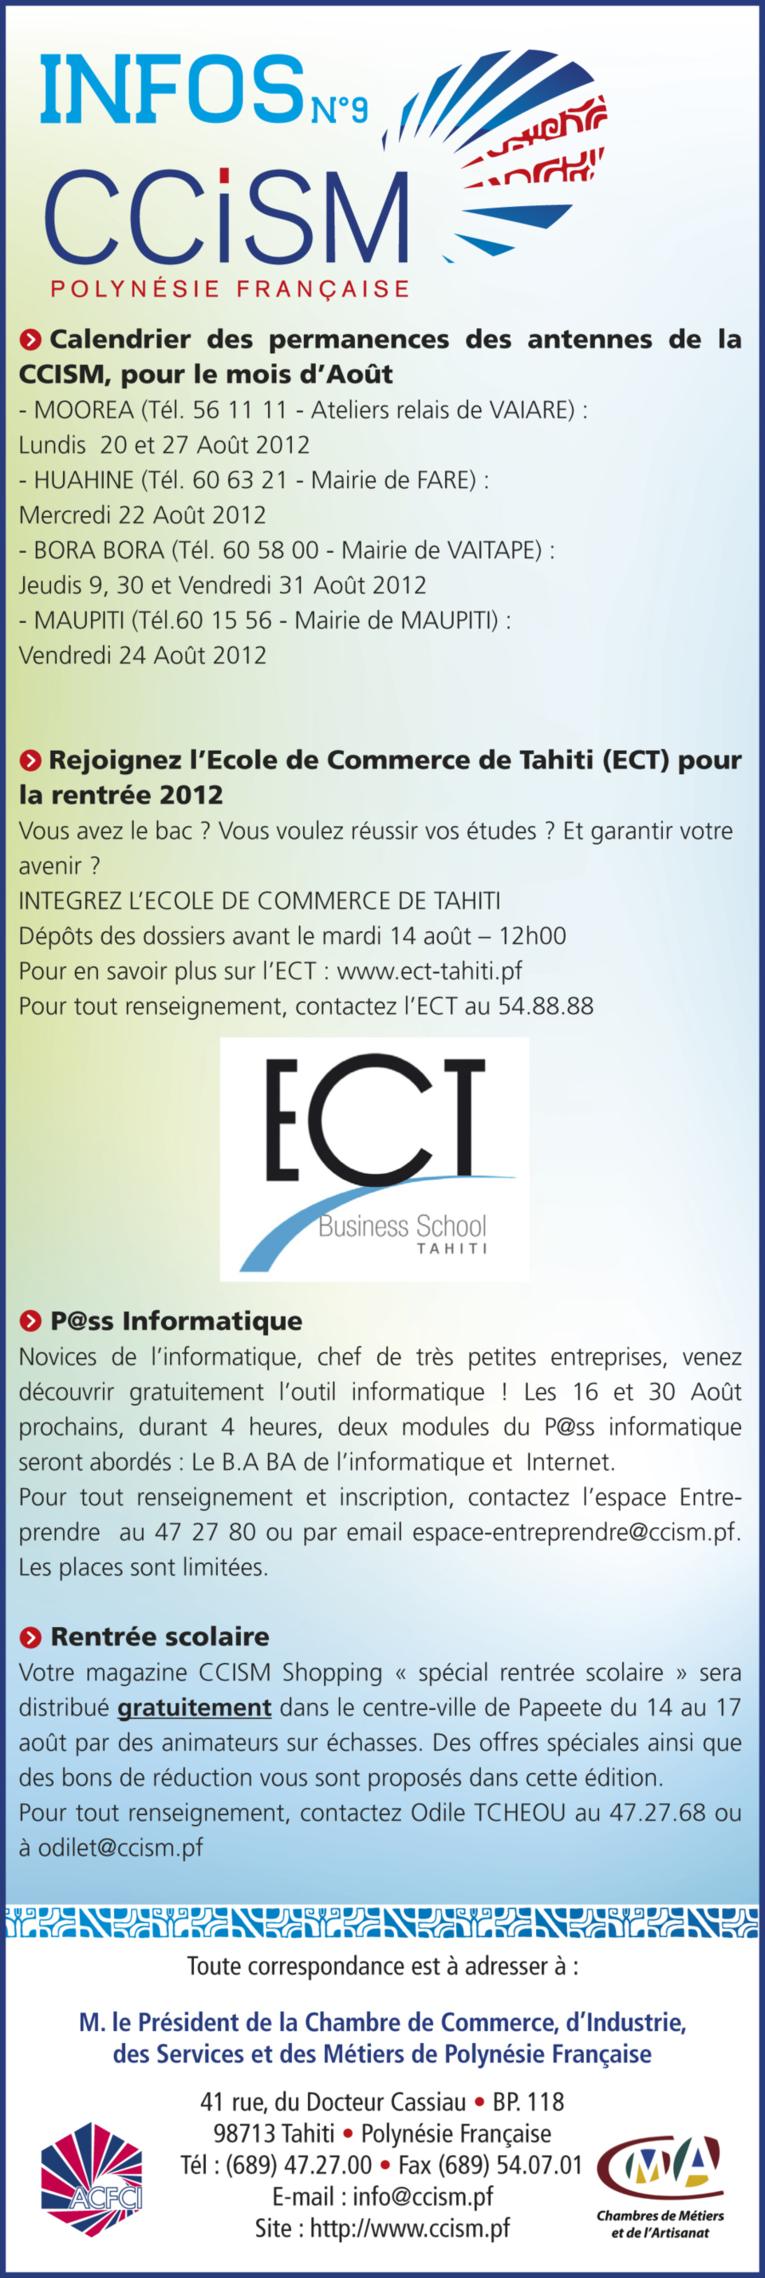 Infos CCISM N°9